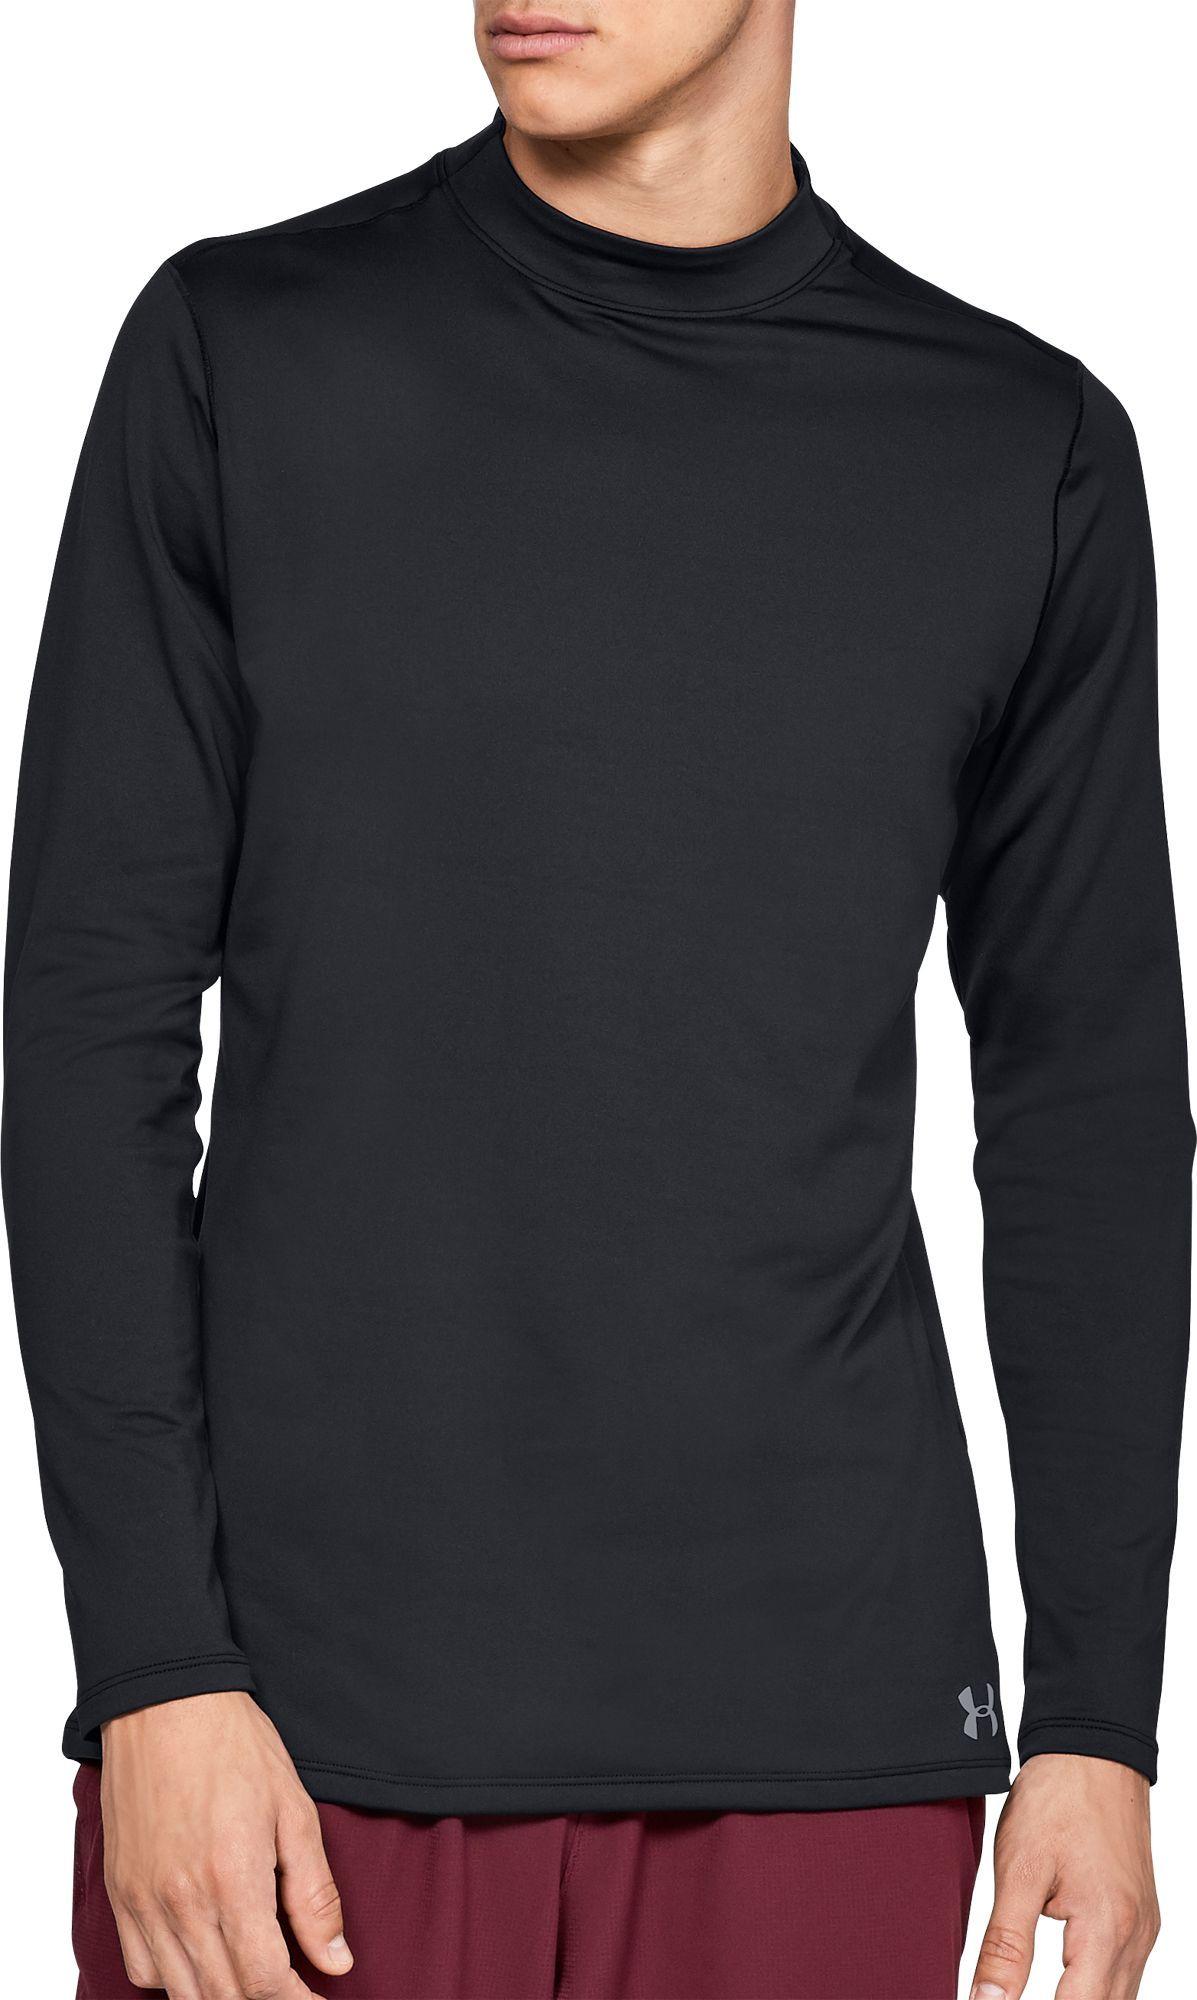 a2975fcf5 Under Armour Men's ColdGear Armour Mock Neck Compression Long Sleeve Shirt,  Size: 3XT, Black